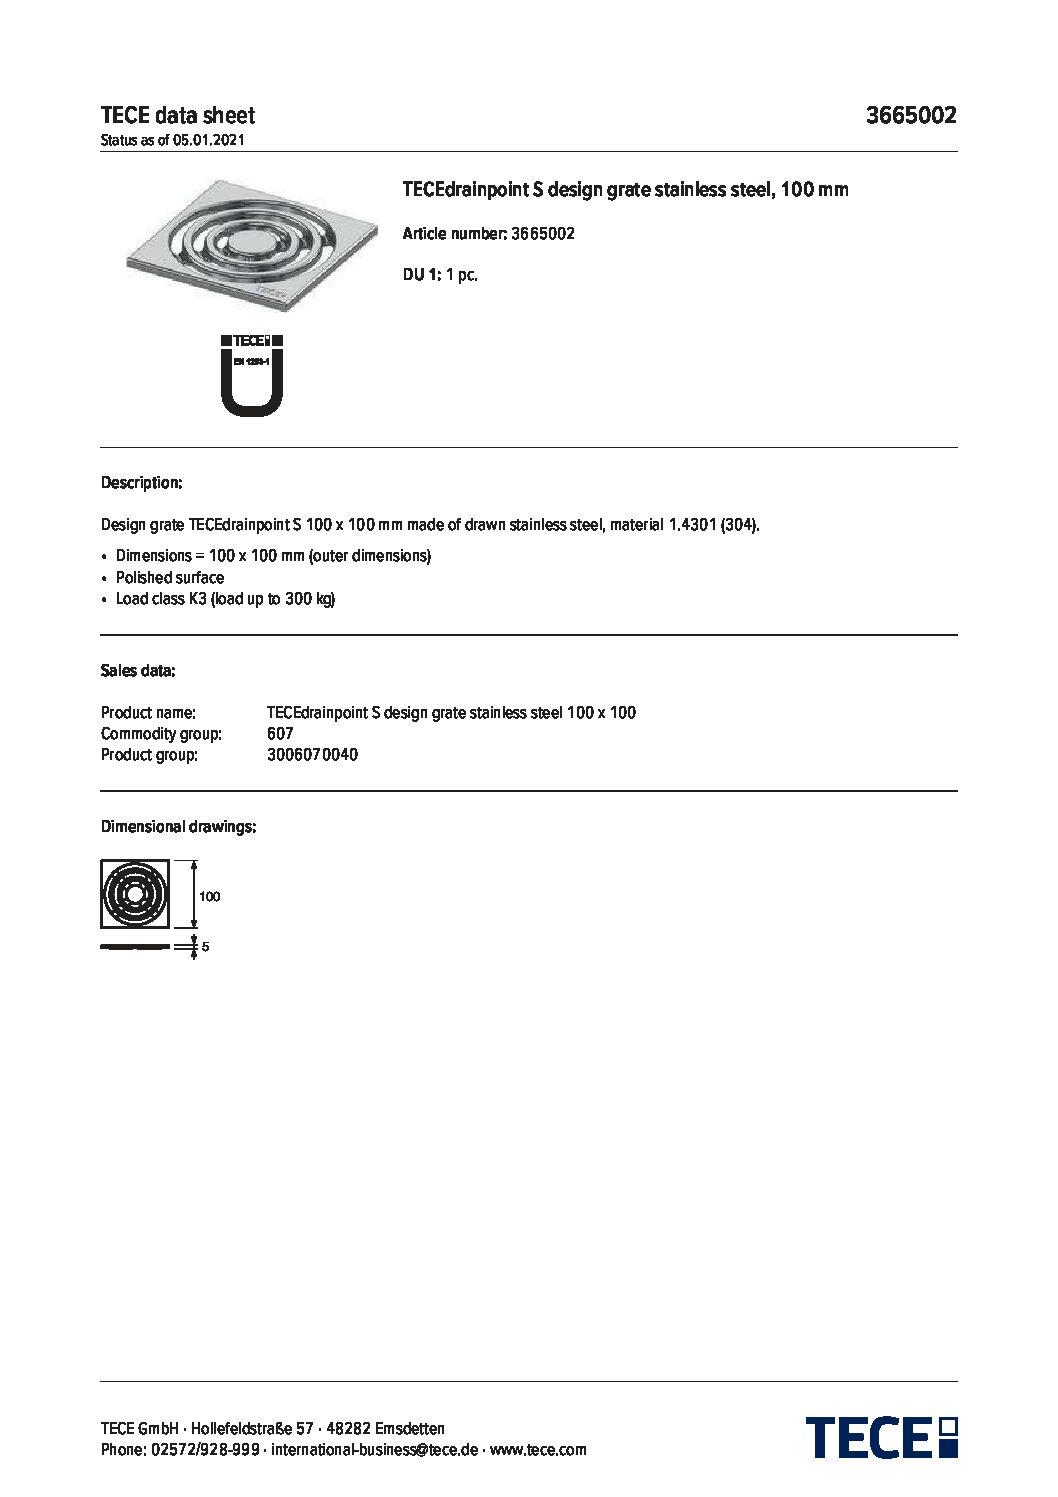 datasheet_en_draft_2021-01-05_14_31_08